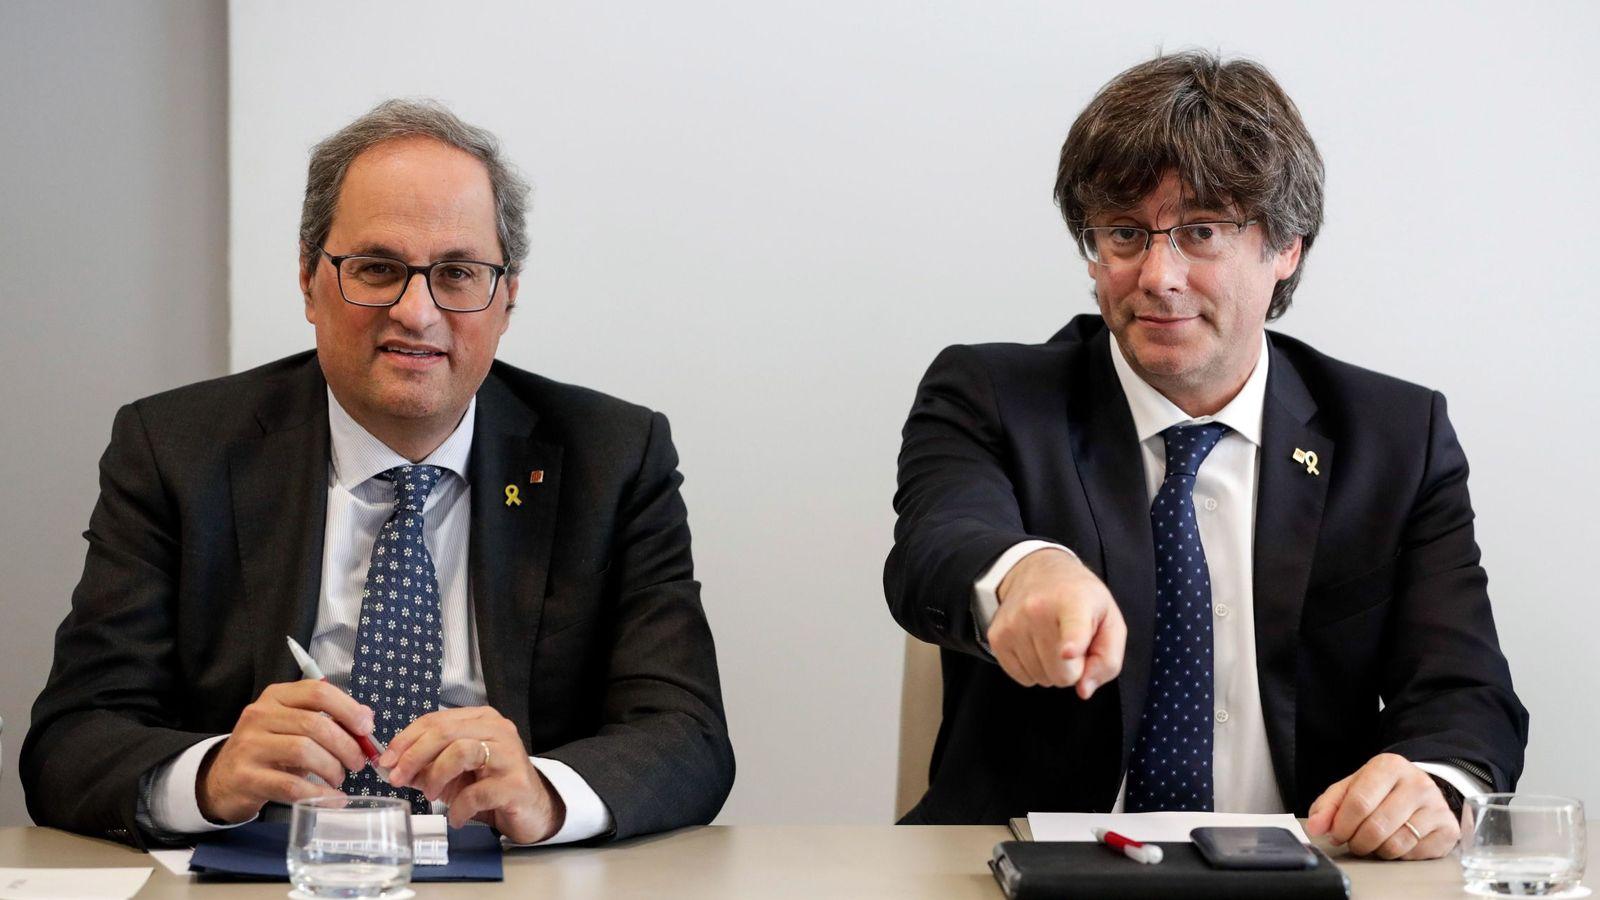 Foto: El presidente de la Generalitat, Quim Torra, y su antecesor Carles Puigdemont. (EFE)